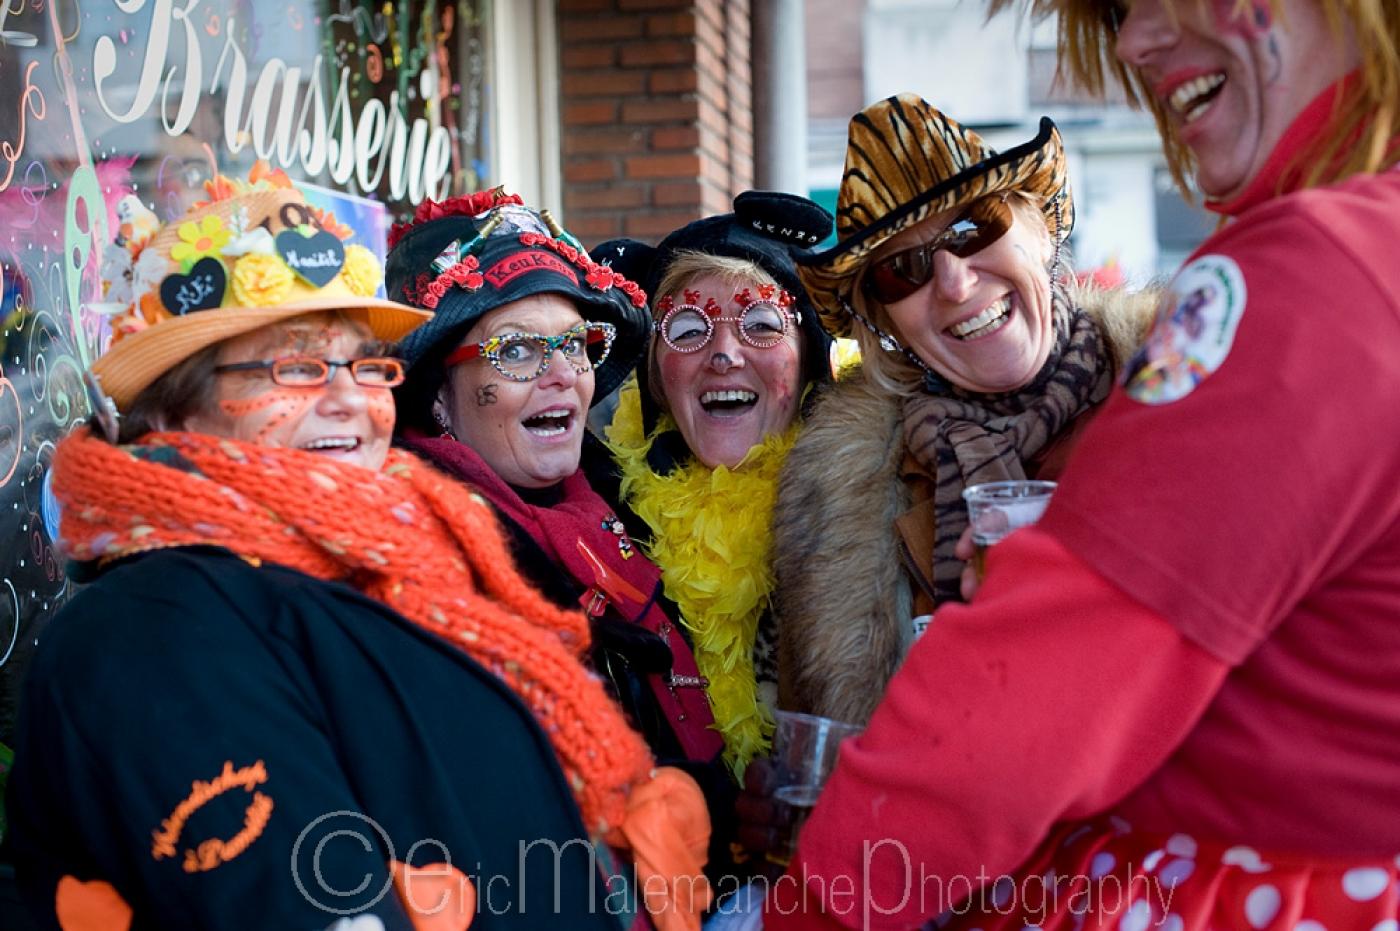 https://www.ericmalemanche.com/imagess/topics/carnaval-de-dunkerque/liste/Carnaval-Dunkerque-0831.jpg